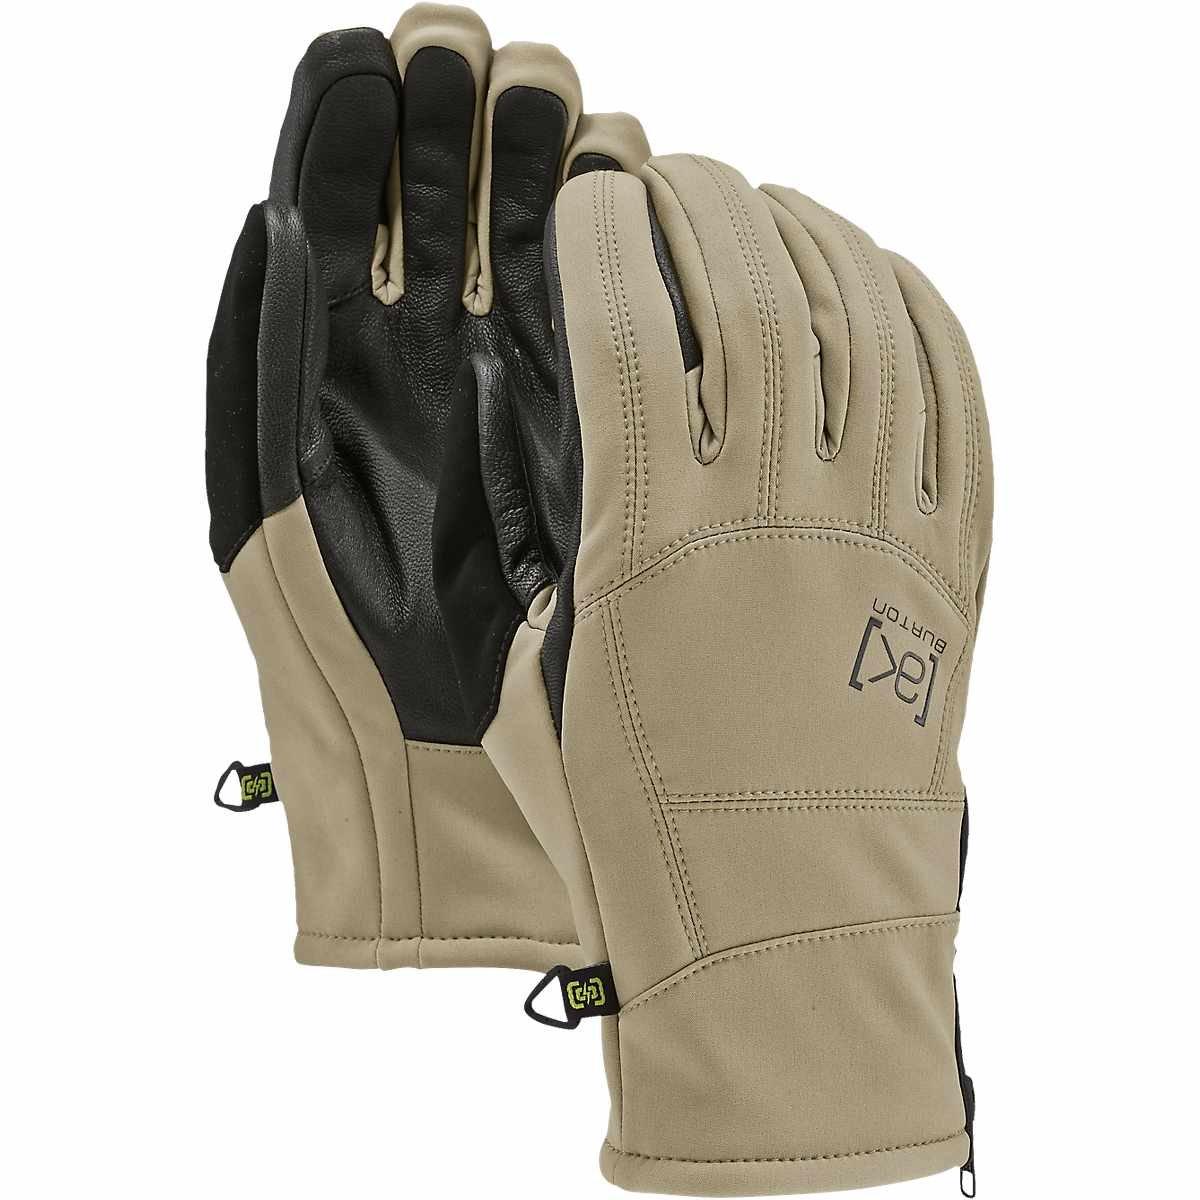 Burton Herren M Ak Tech Gloves Snowboardhandschuhe